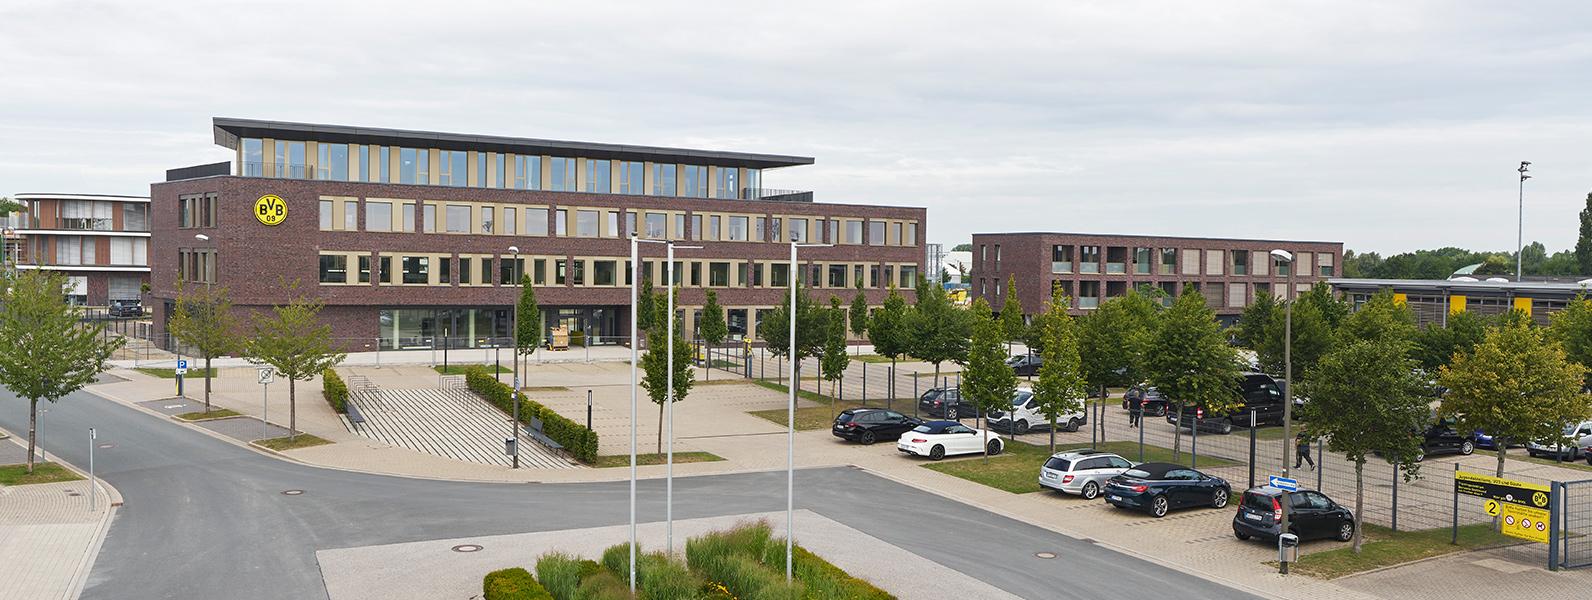 Außenansicht Borussia Dortmund BVB Geschäftsstelle Verwaltung Bürogebäude